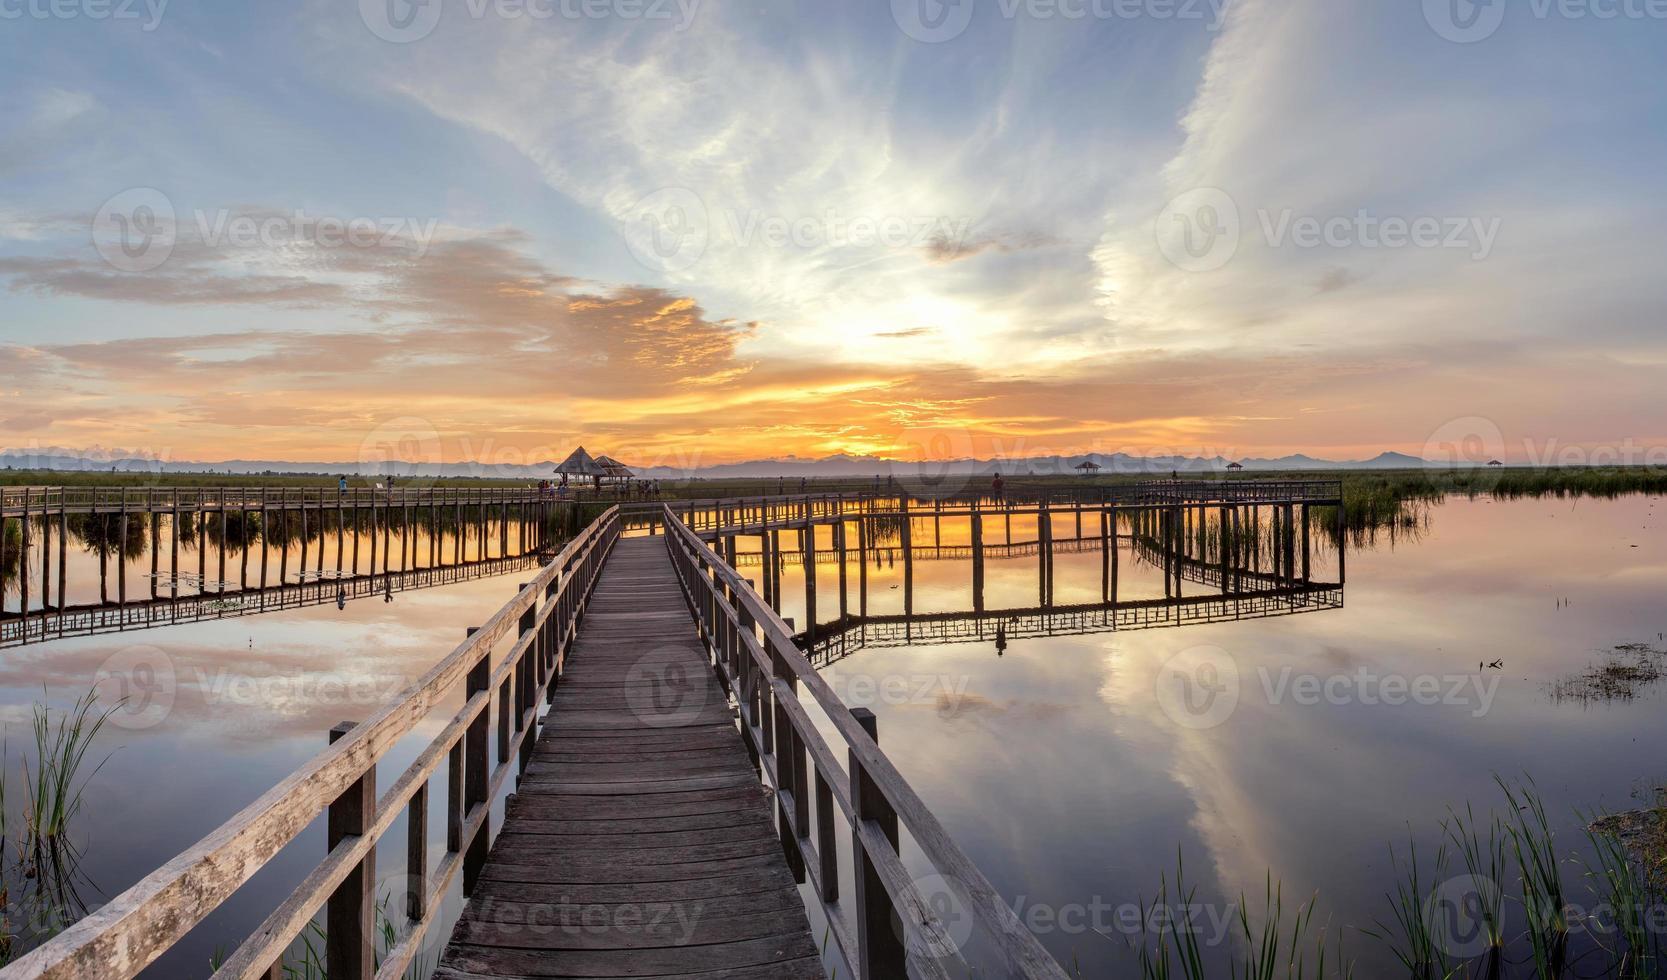 Holzbrücke im Lotussee auf Sonnenuntergangszeit foto